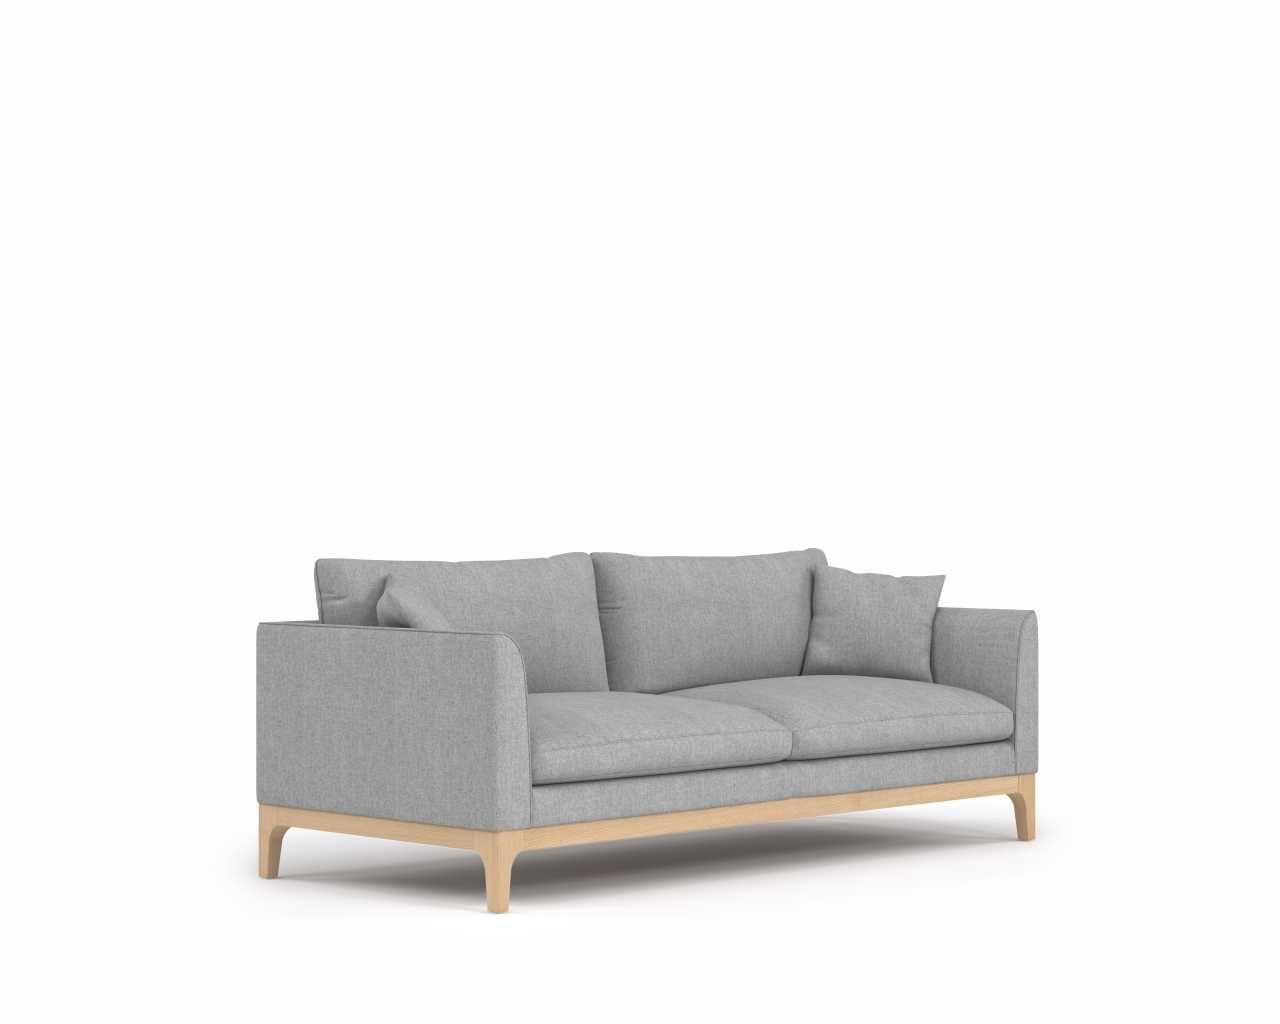 Loren Sofa Modern Felt Malmo Sofa Furniture Sofa Scandinavian Style